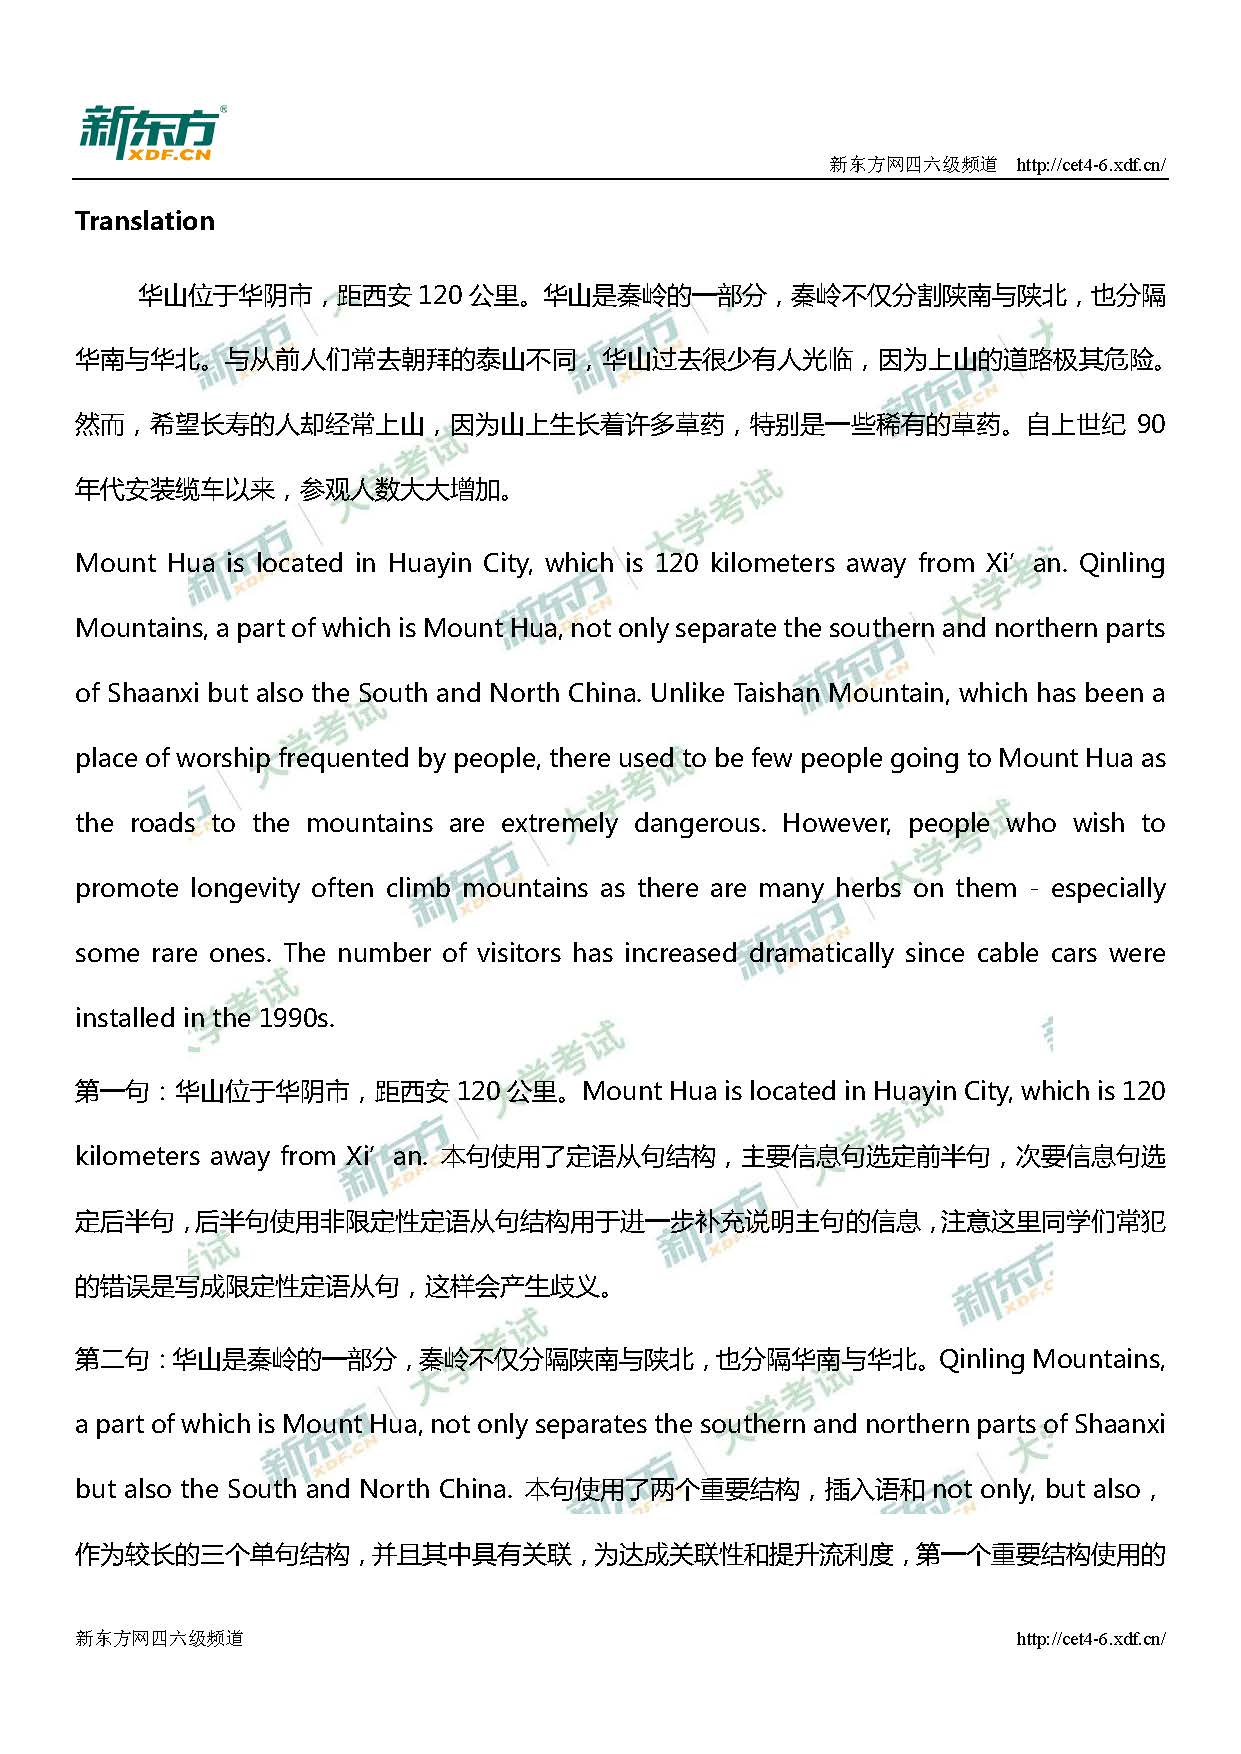 2017年12月英语四级翻译真题答案解析—华山(徐州新东方)